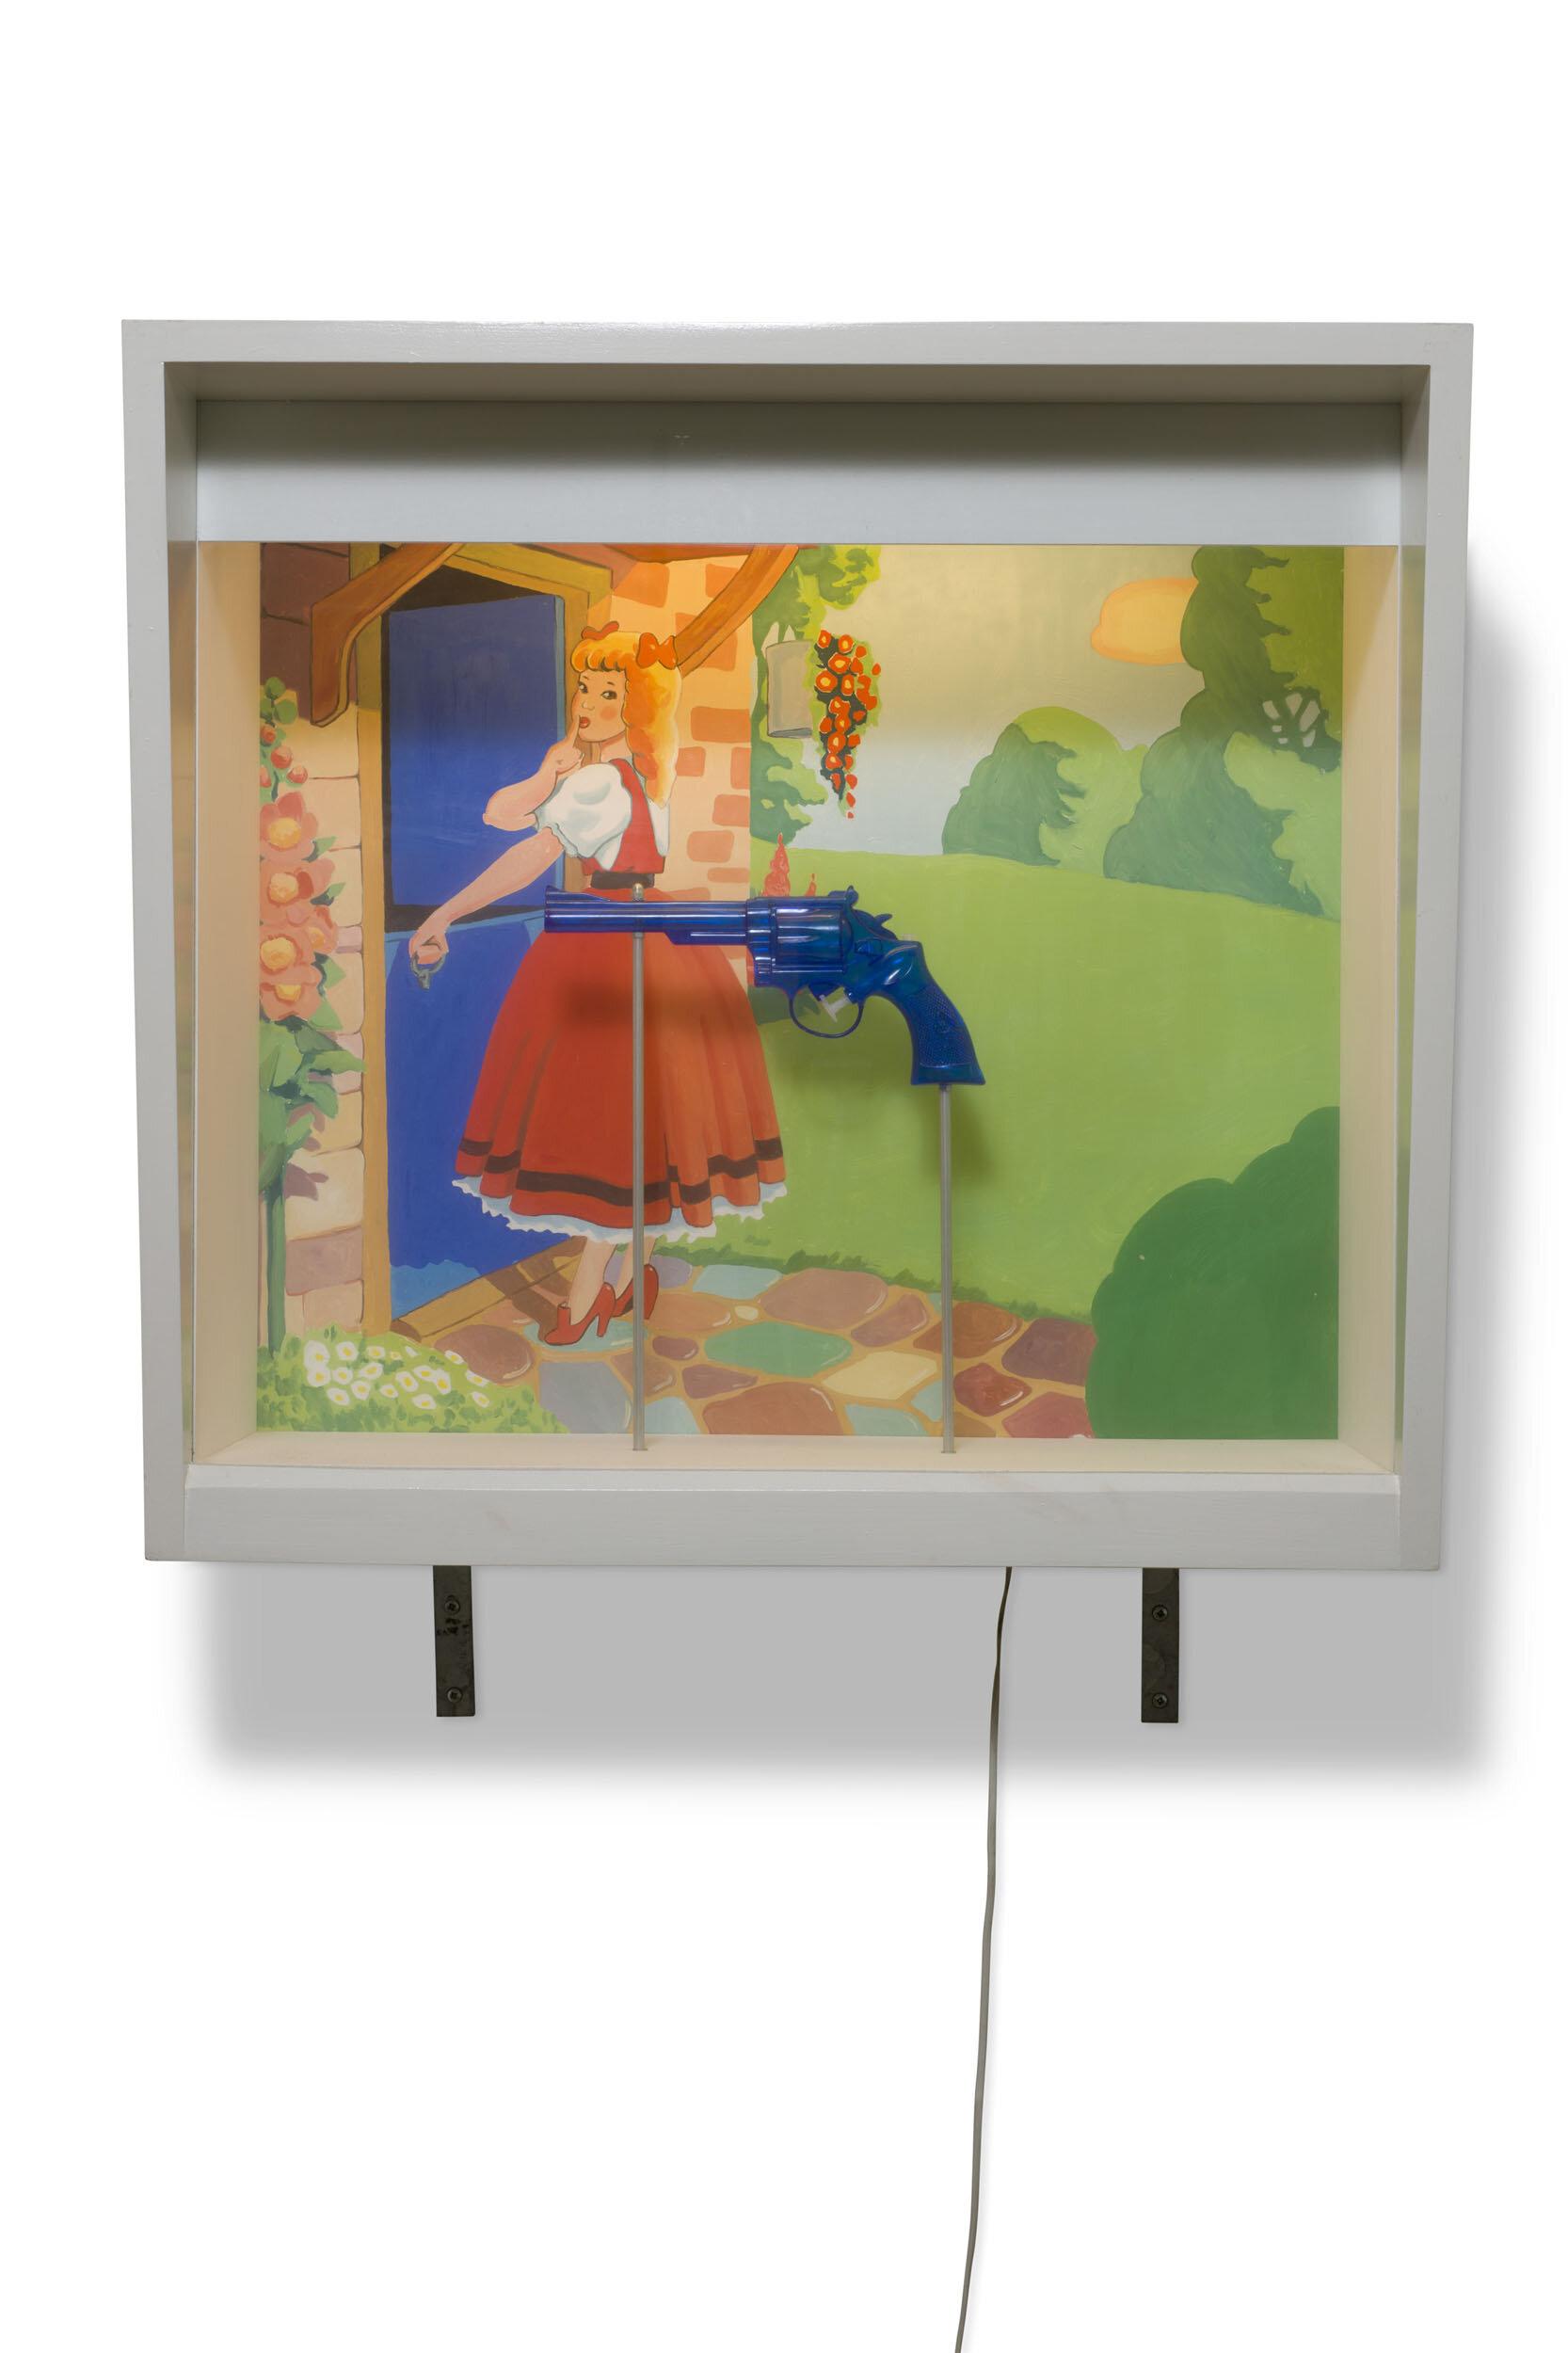 Martin Wickström   Fairyland I  1989 Signerad och daterad a tergo  Olja på masonit, MDF-låda, glas,  plast, metall, belysning, el  72,5 x 77,5 x 33 cm